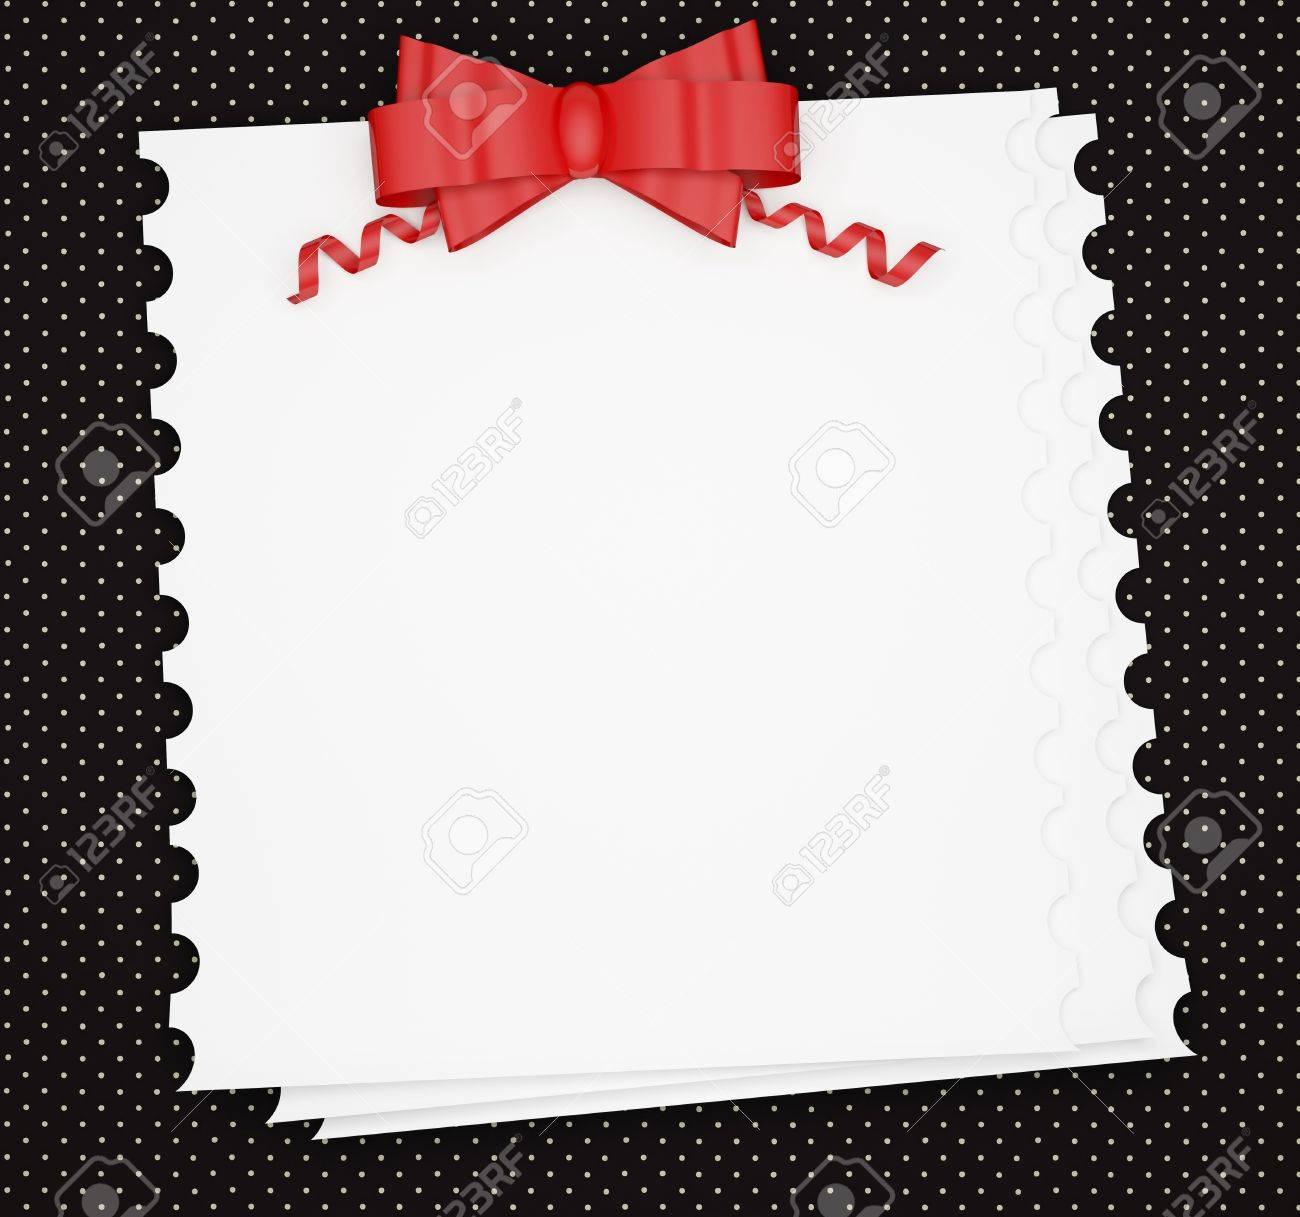 Vintage Hochzeit (Feiertag) Papier Hintergrund Mit Roter Schleife ...